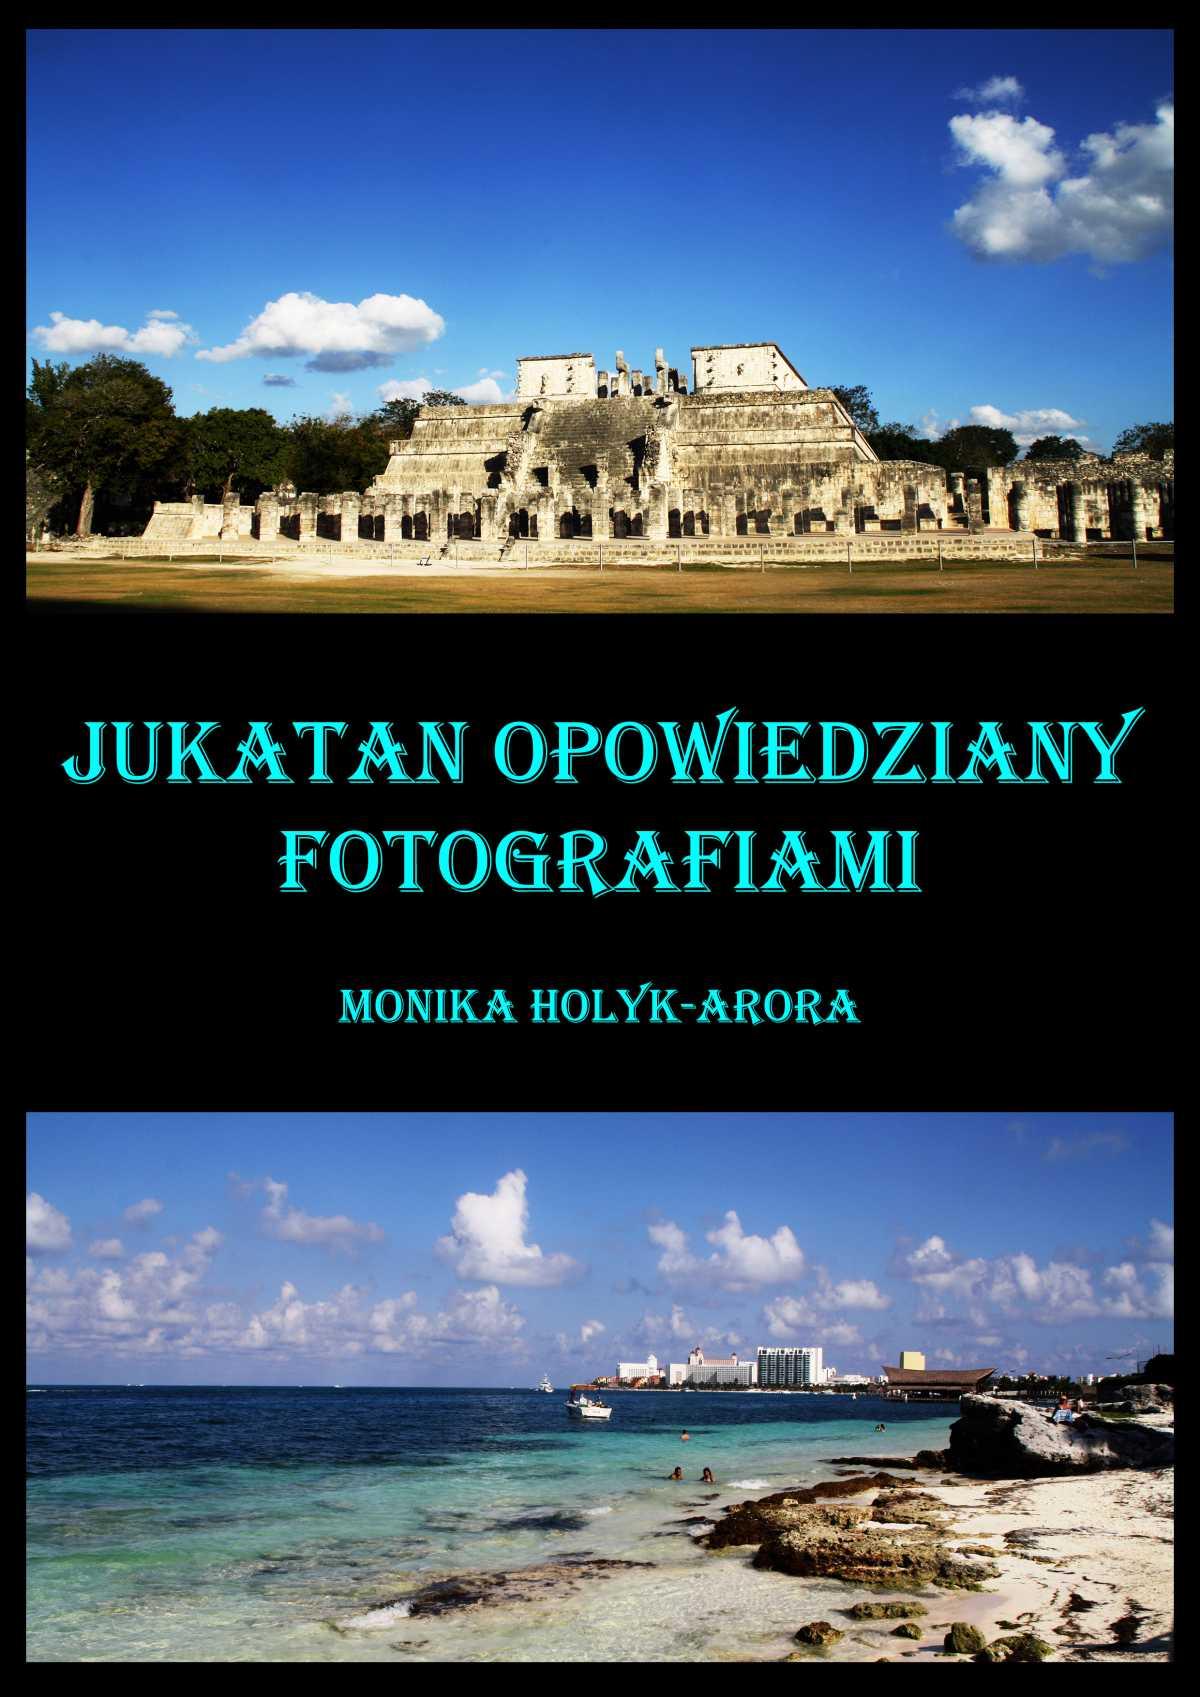 Jukatan opowiedziany fotografiami... - Ebook (Książka PDF) do pobrania w formacie PDF